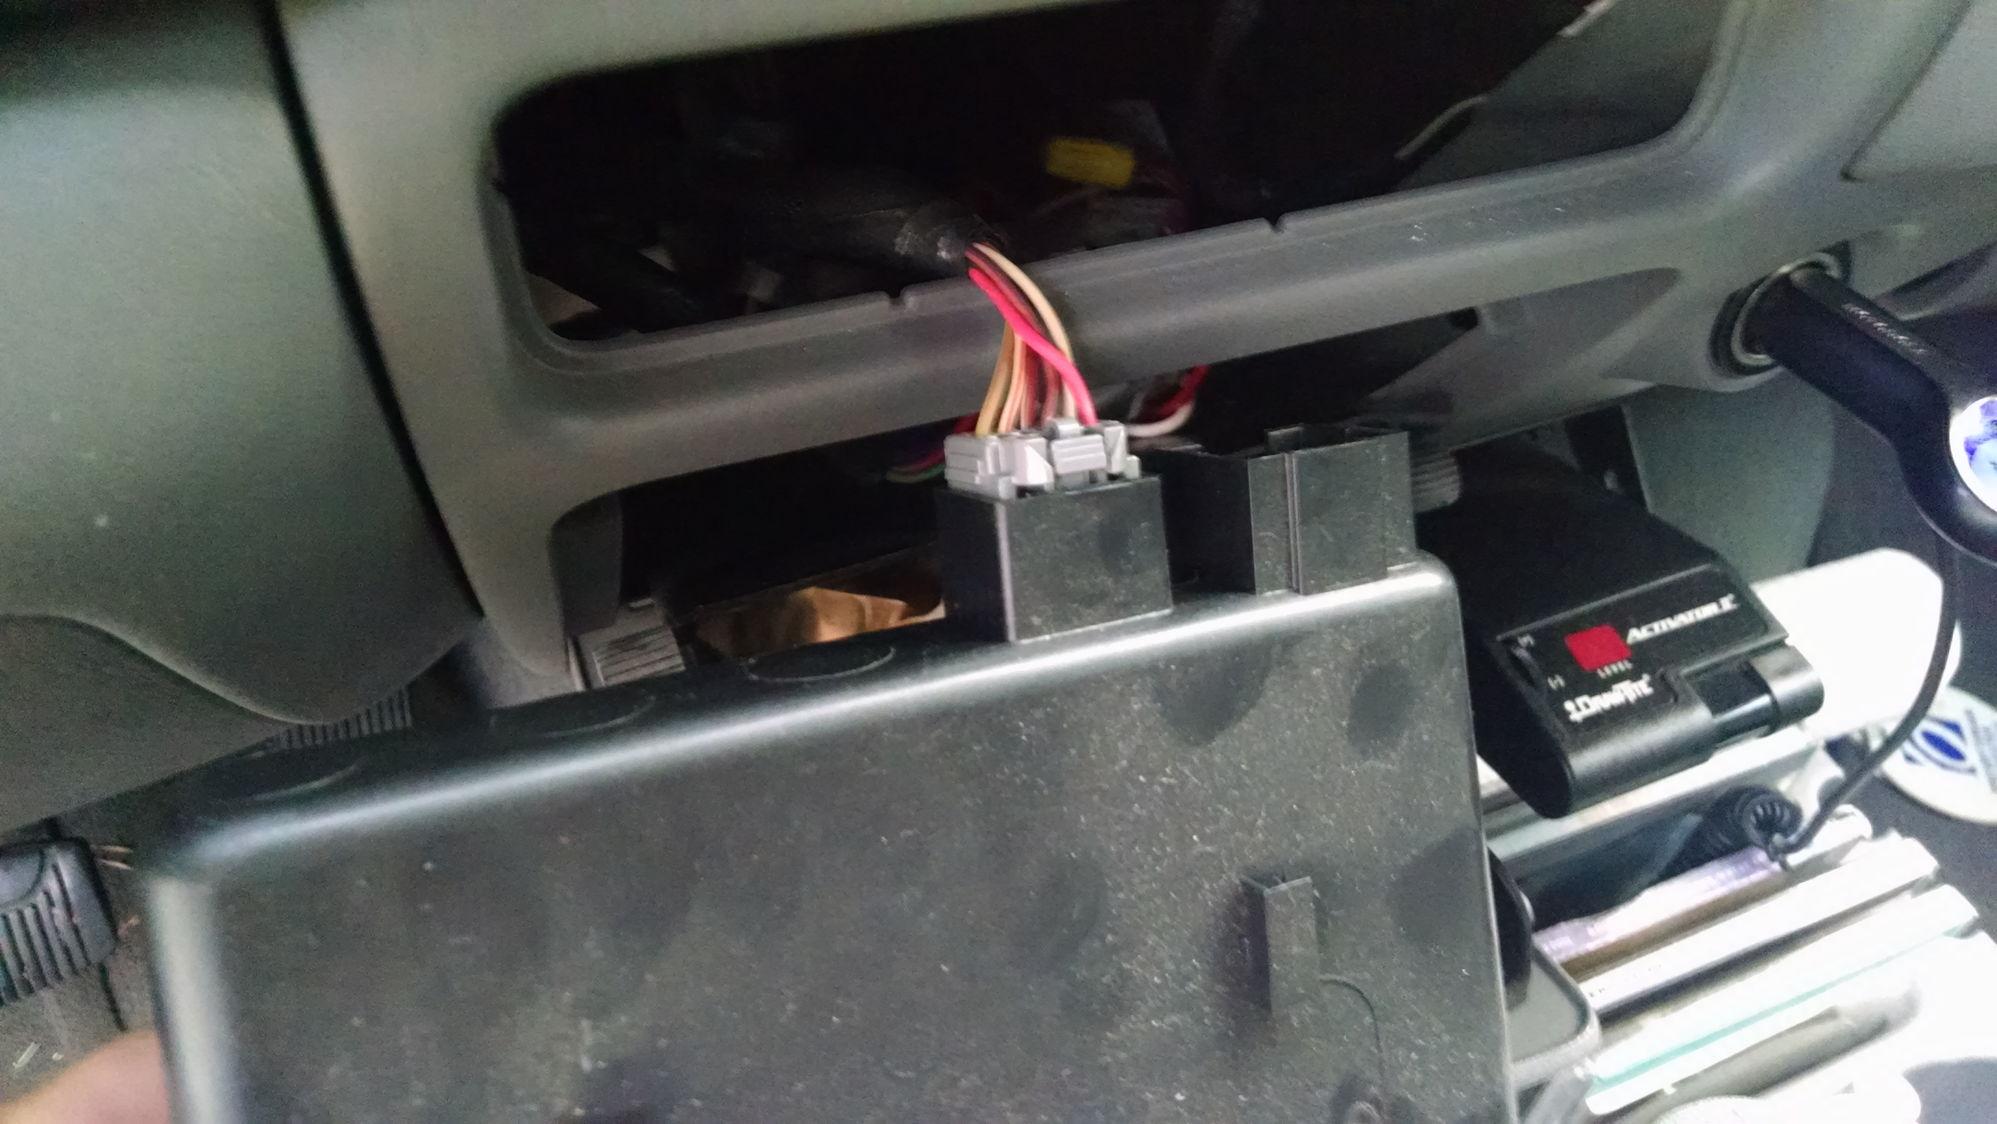 Identify Plug Behind Dashboard Tray